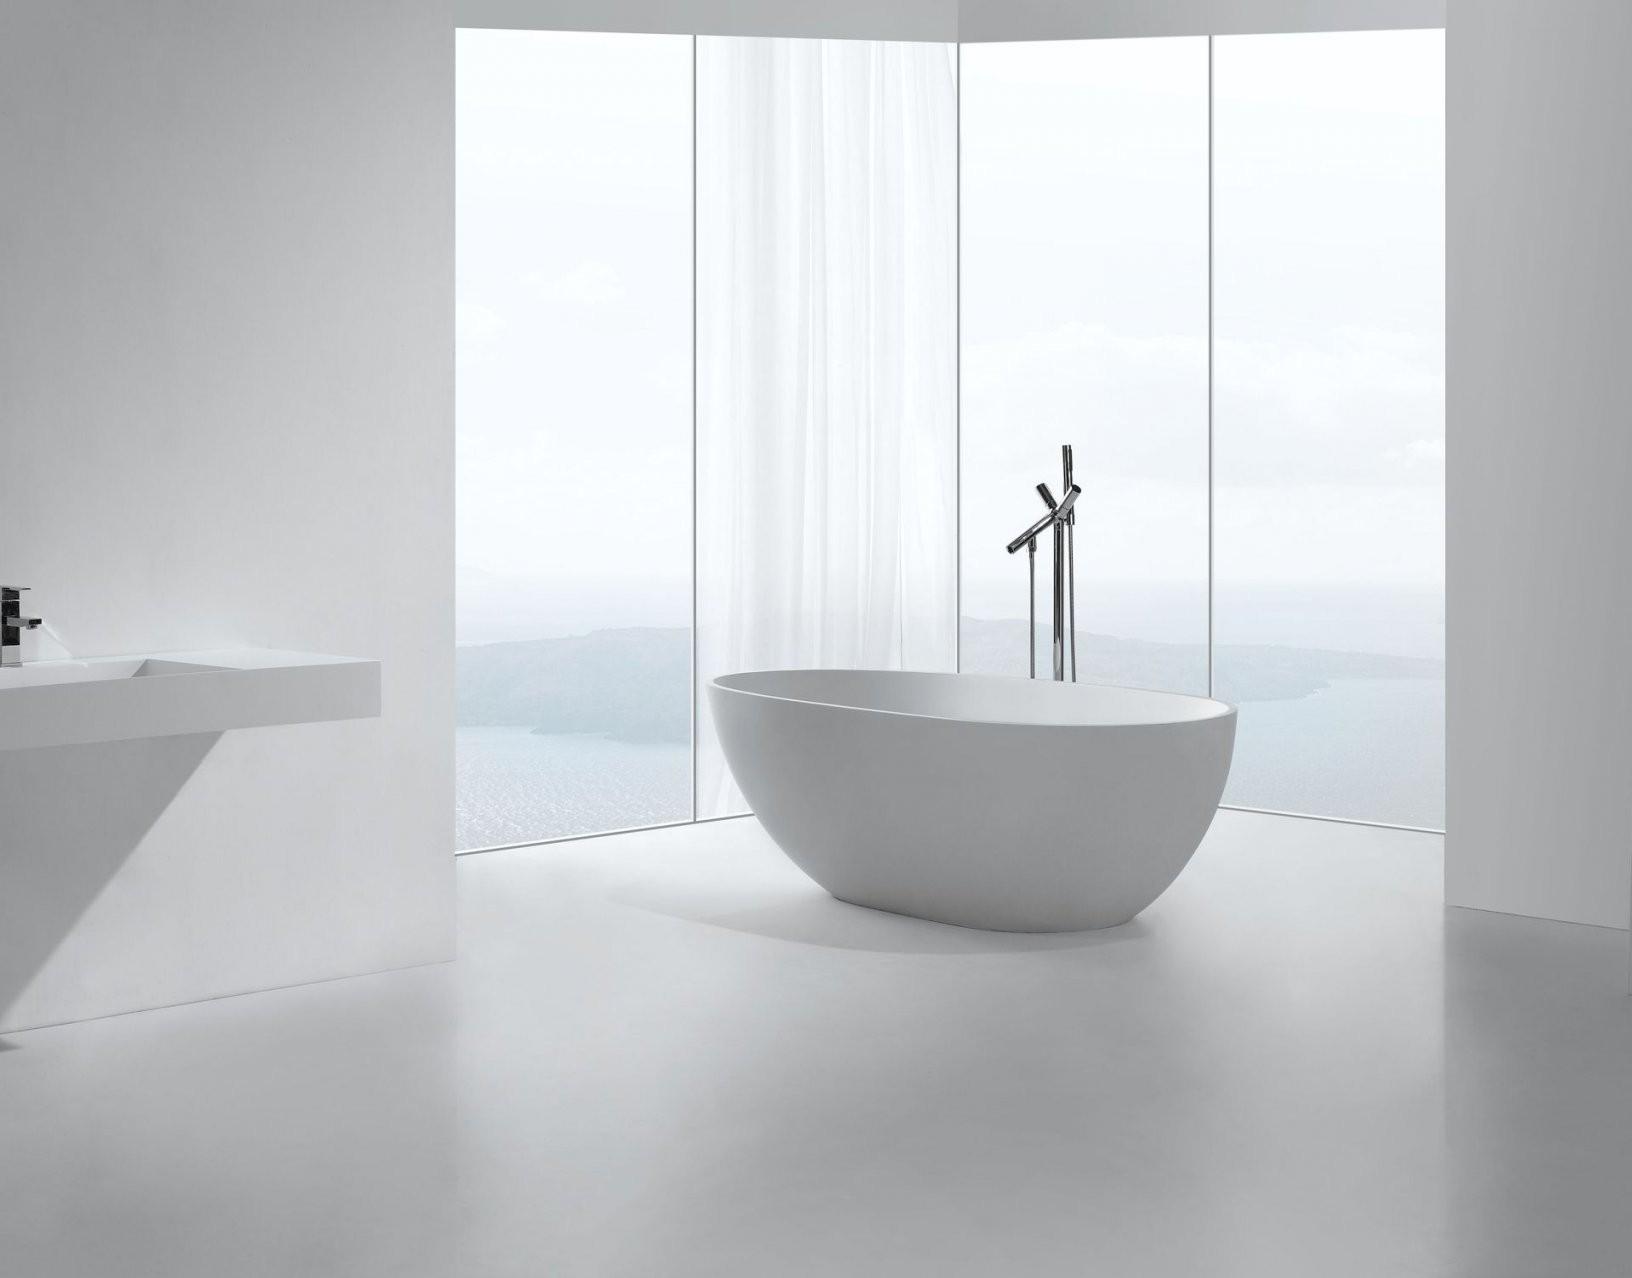 Mineralgussbadewanne Ladilo (Freistehend)  Glasdeals von Freistehende Badewanne Preis Photo